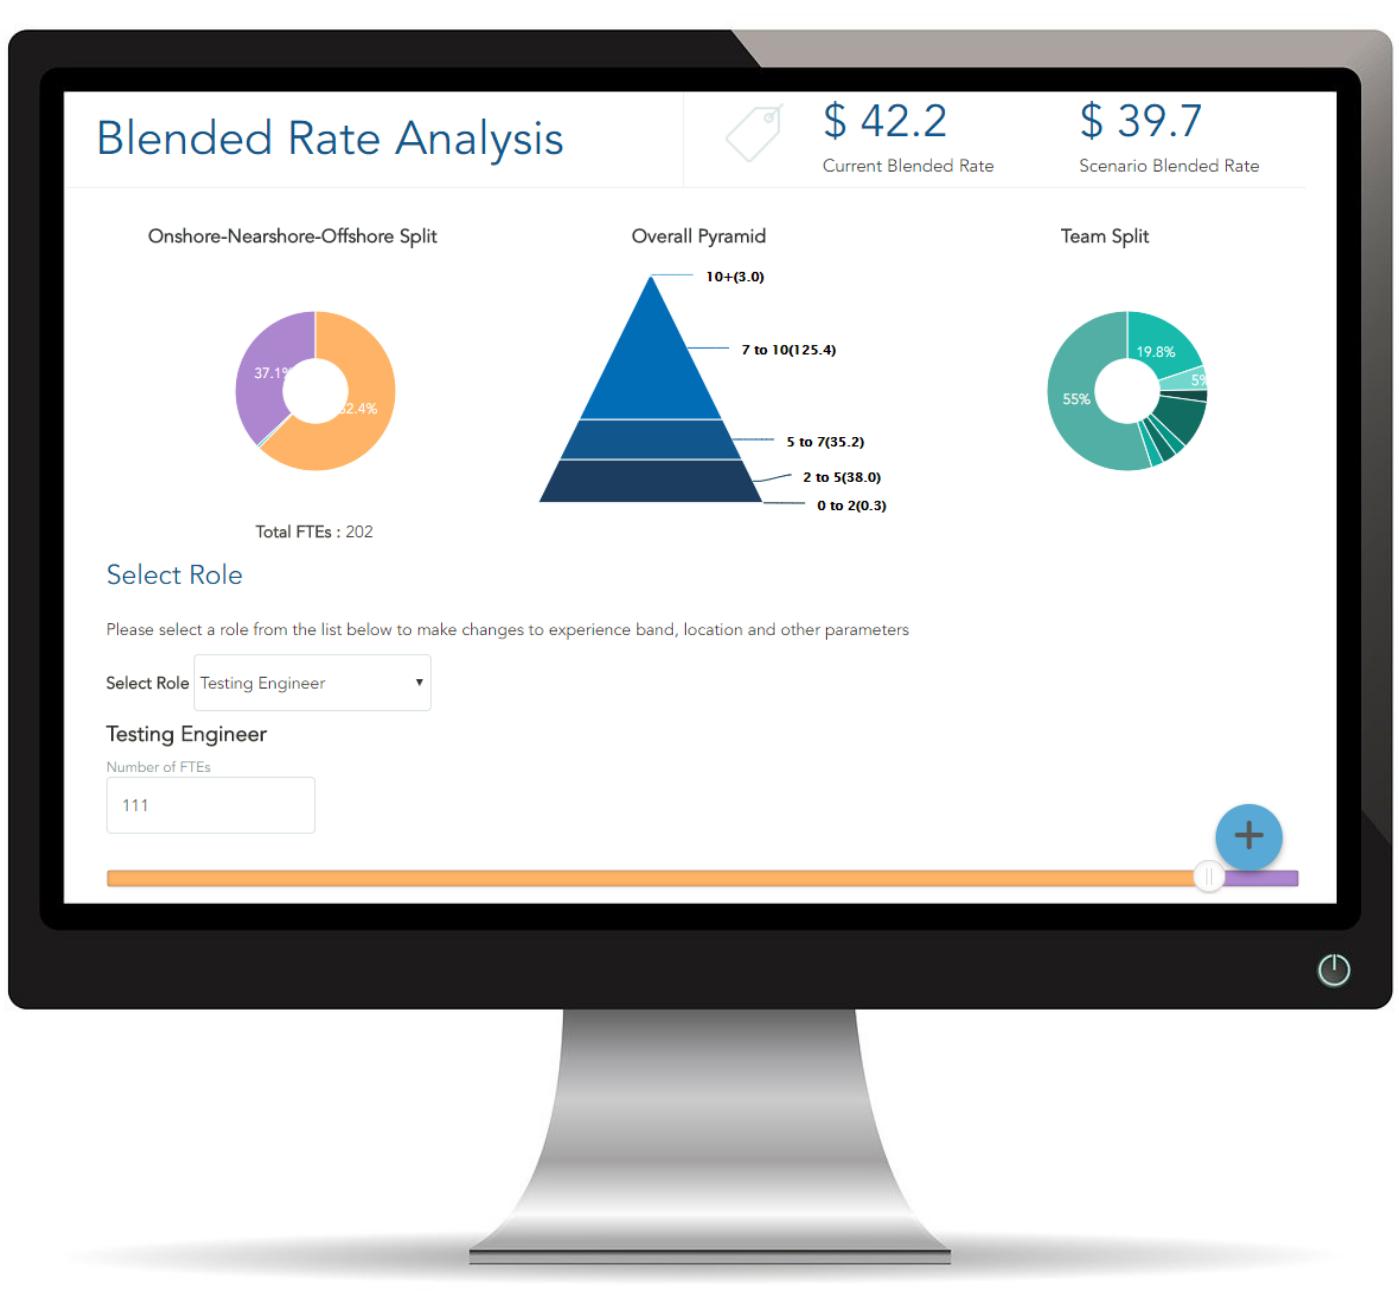 Blended Rate Analysis AvaMark